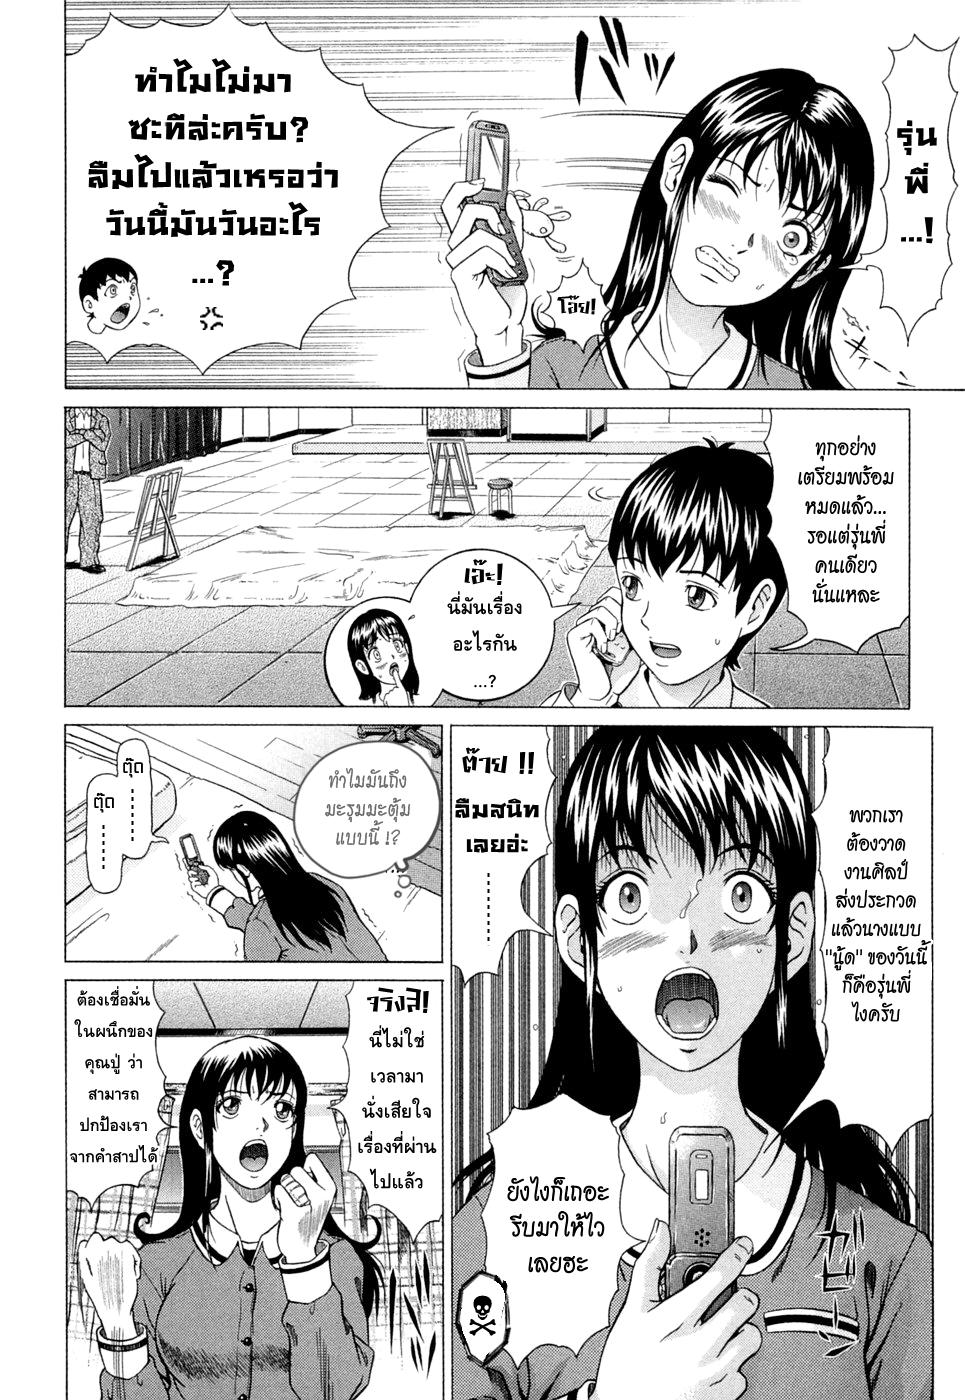 อ่านการ์ตูนออนไลน์ไซเรน ch.3 ตัวตนของเธอ